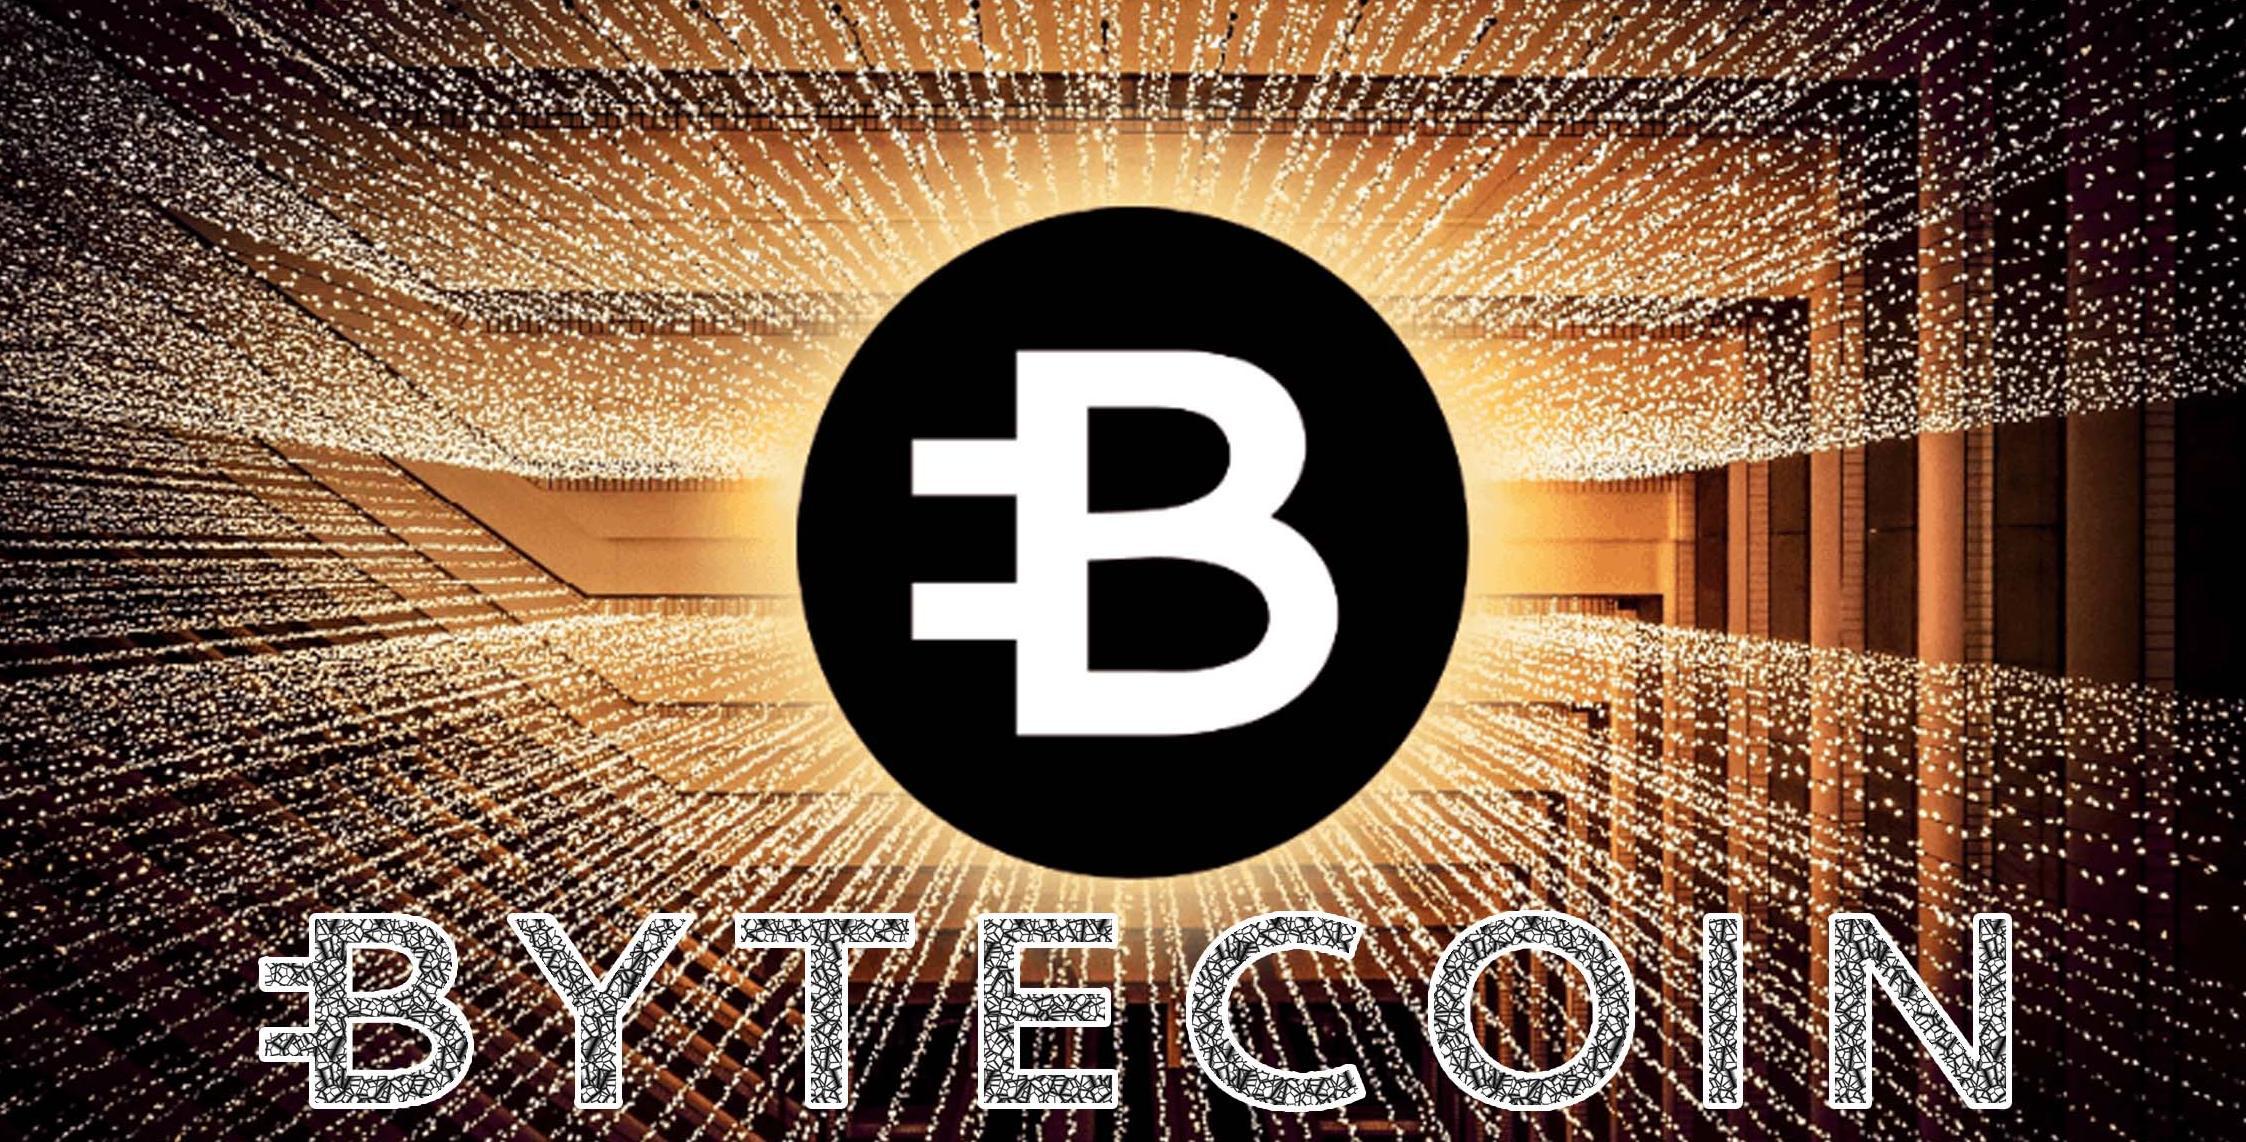 Создатели Bytecoin опровергли обвинения в манипуляциях